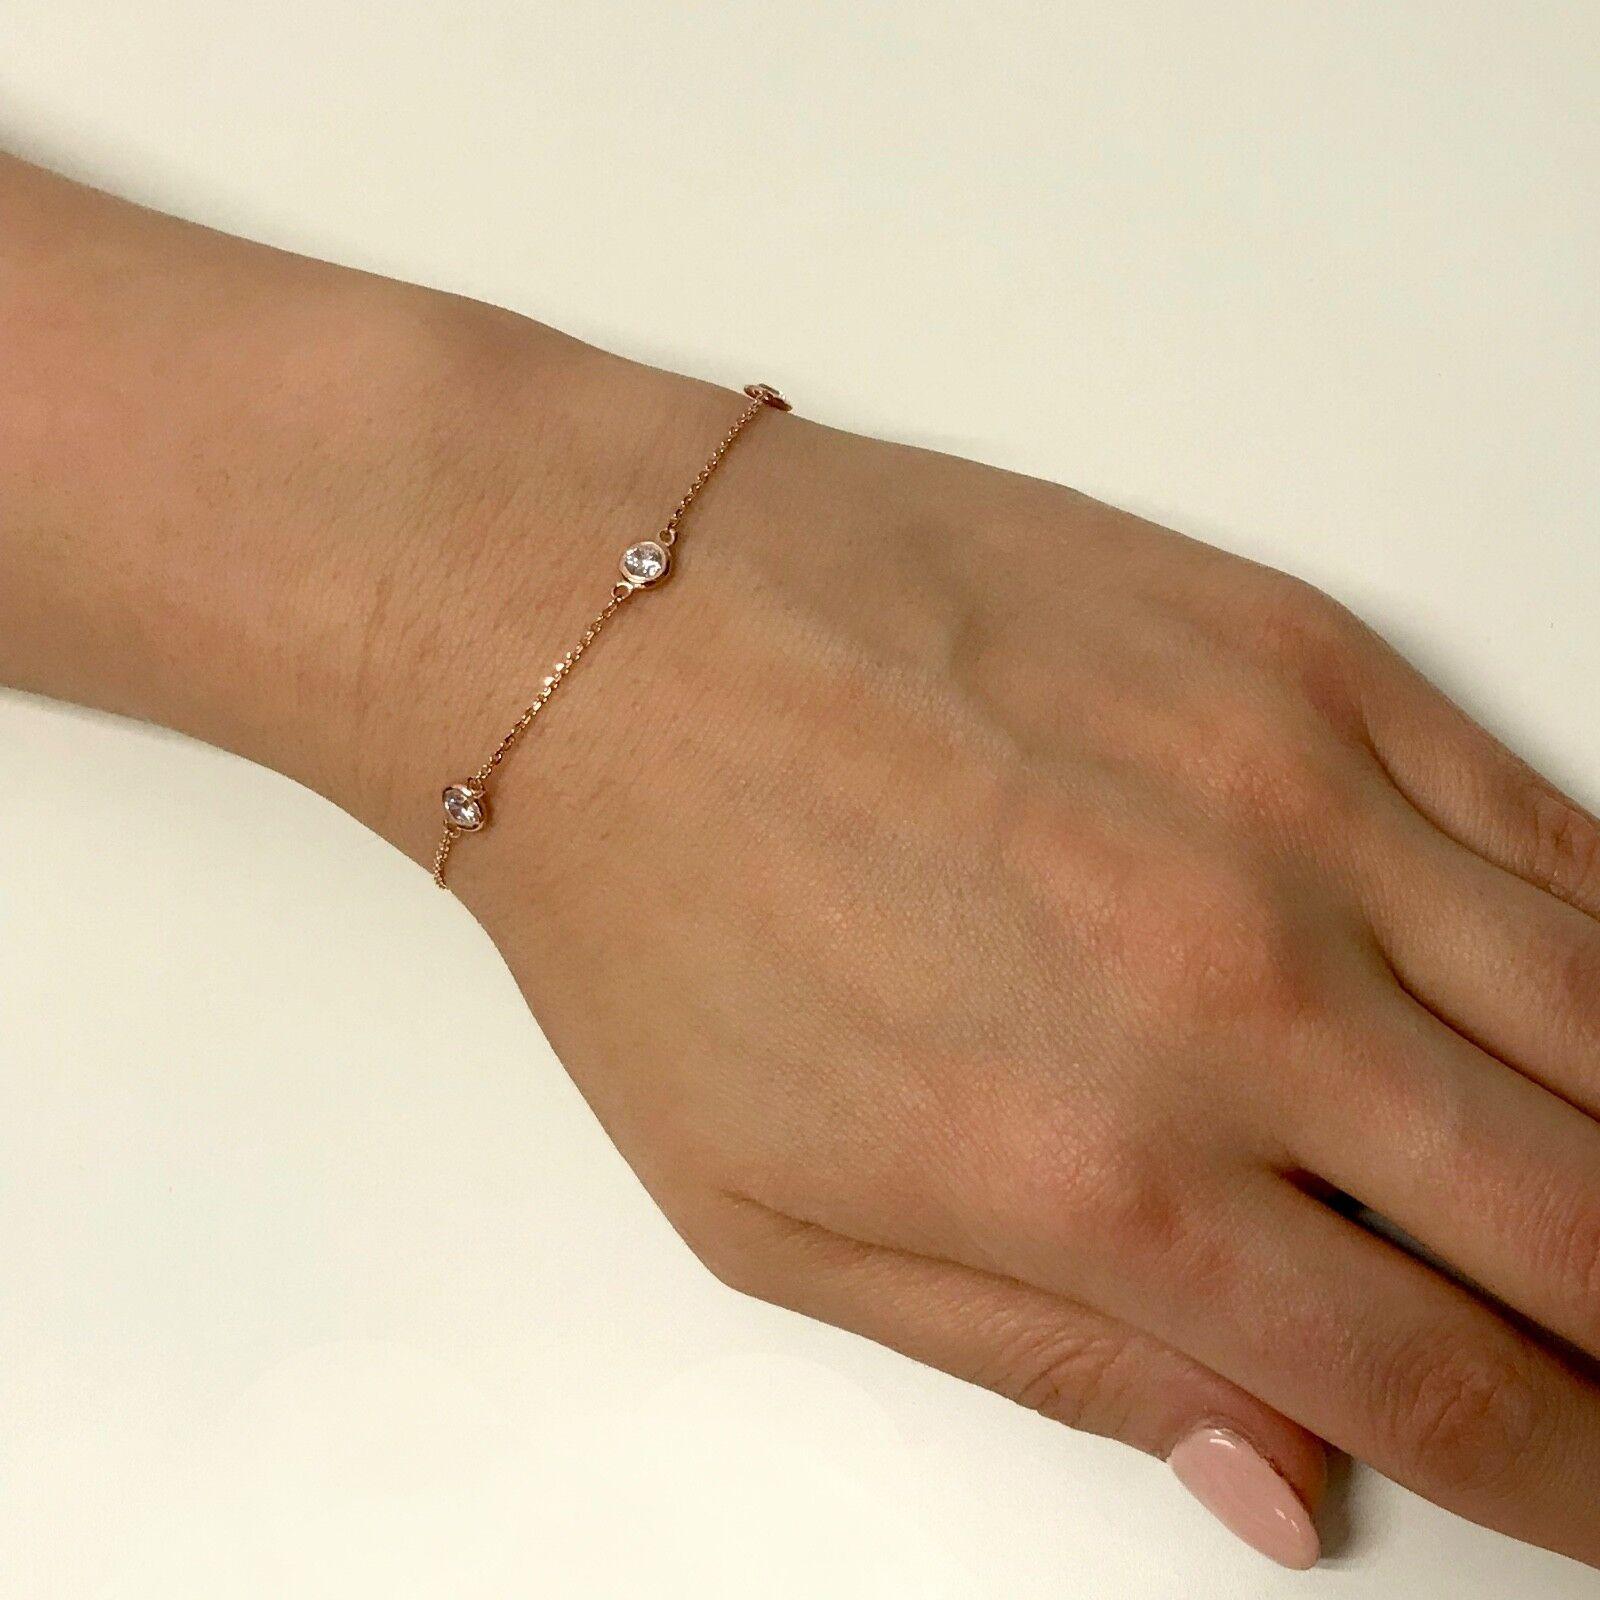 0.80 Ct Diamond By The Yard 4 Stations Bracelet E VVS1 Round Brilliant 14k Gold 4